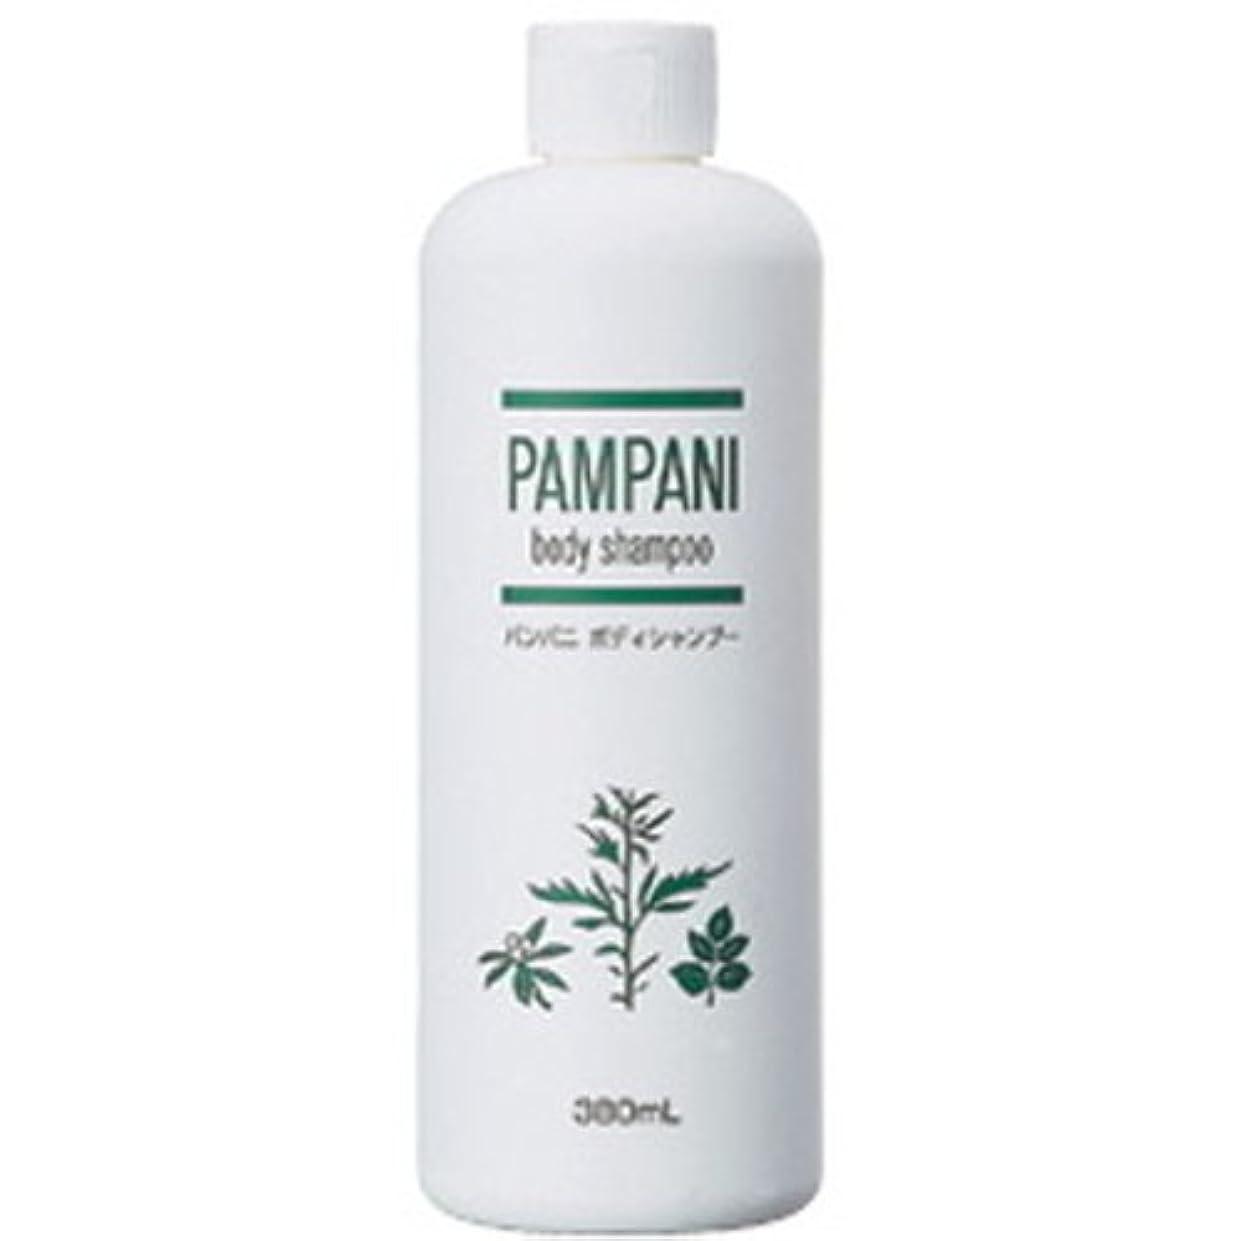 伝記排除する分離するパンパニ(PAMPANI) ボディシャンプー 380ml